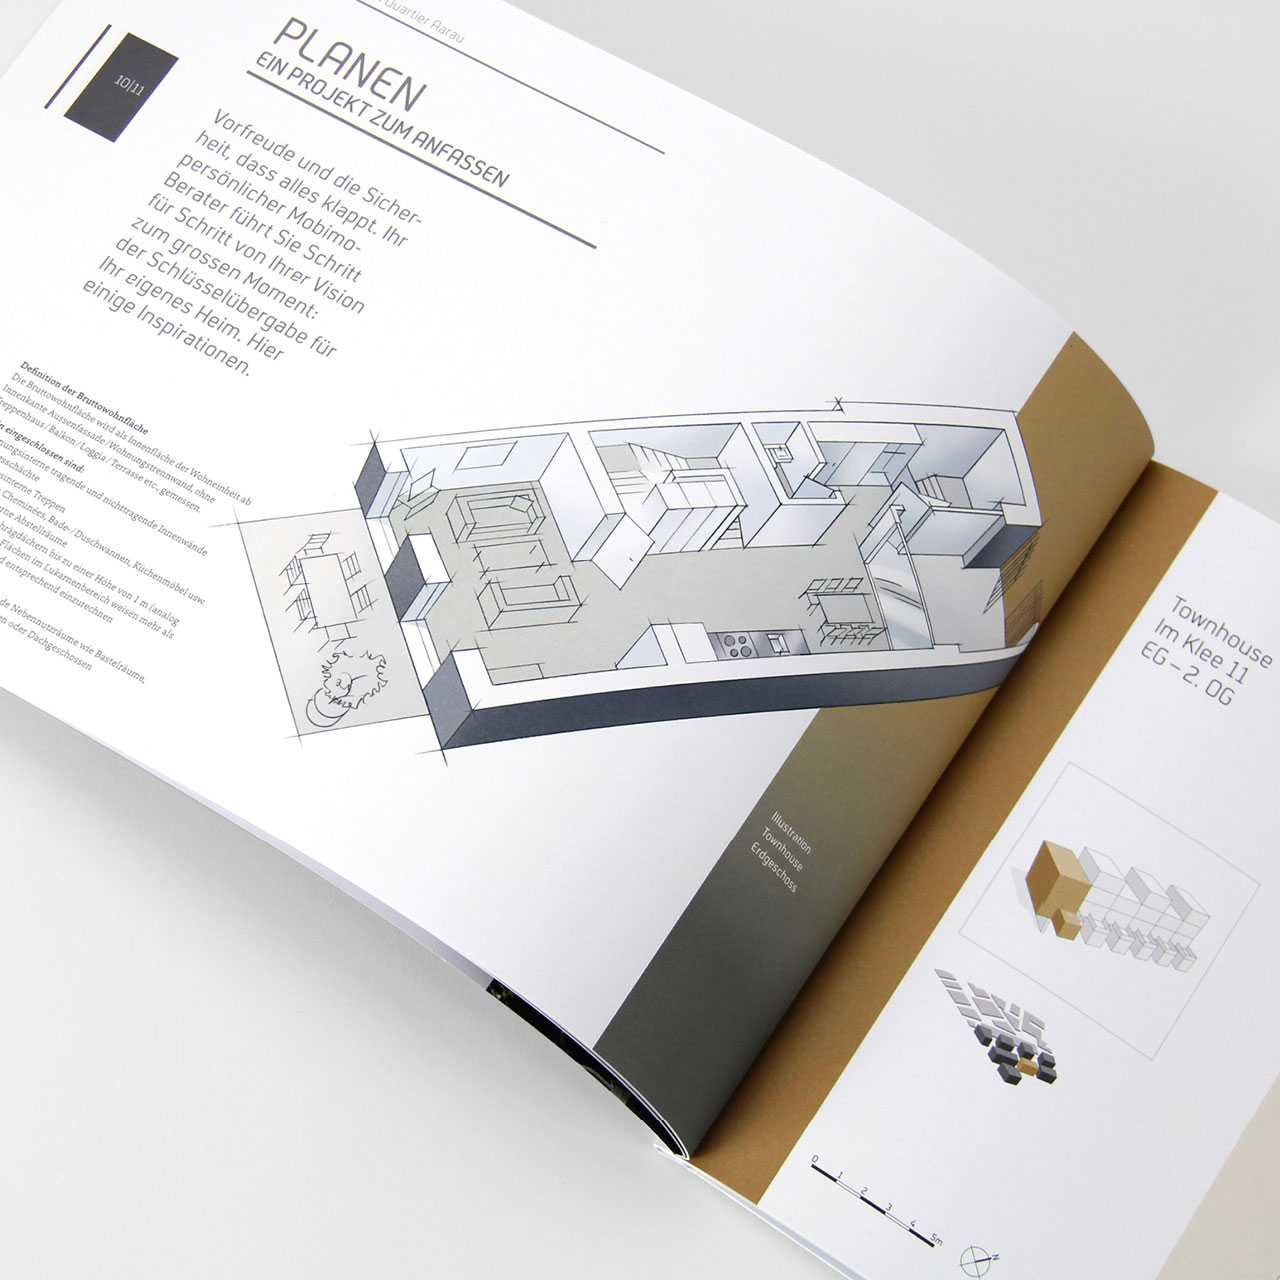 Aeschbachquartier Aarau by Mobimo AG: Printprodukte, Vermarktungsunterlagen